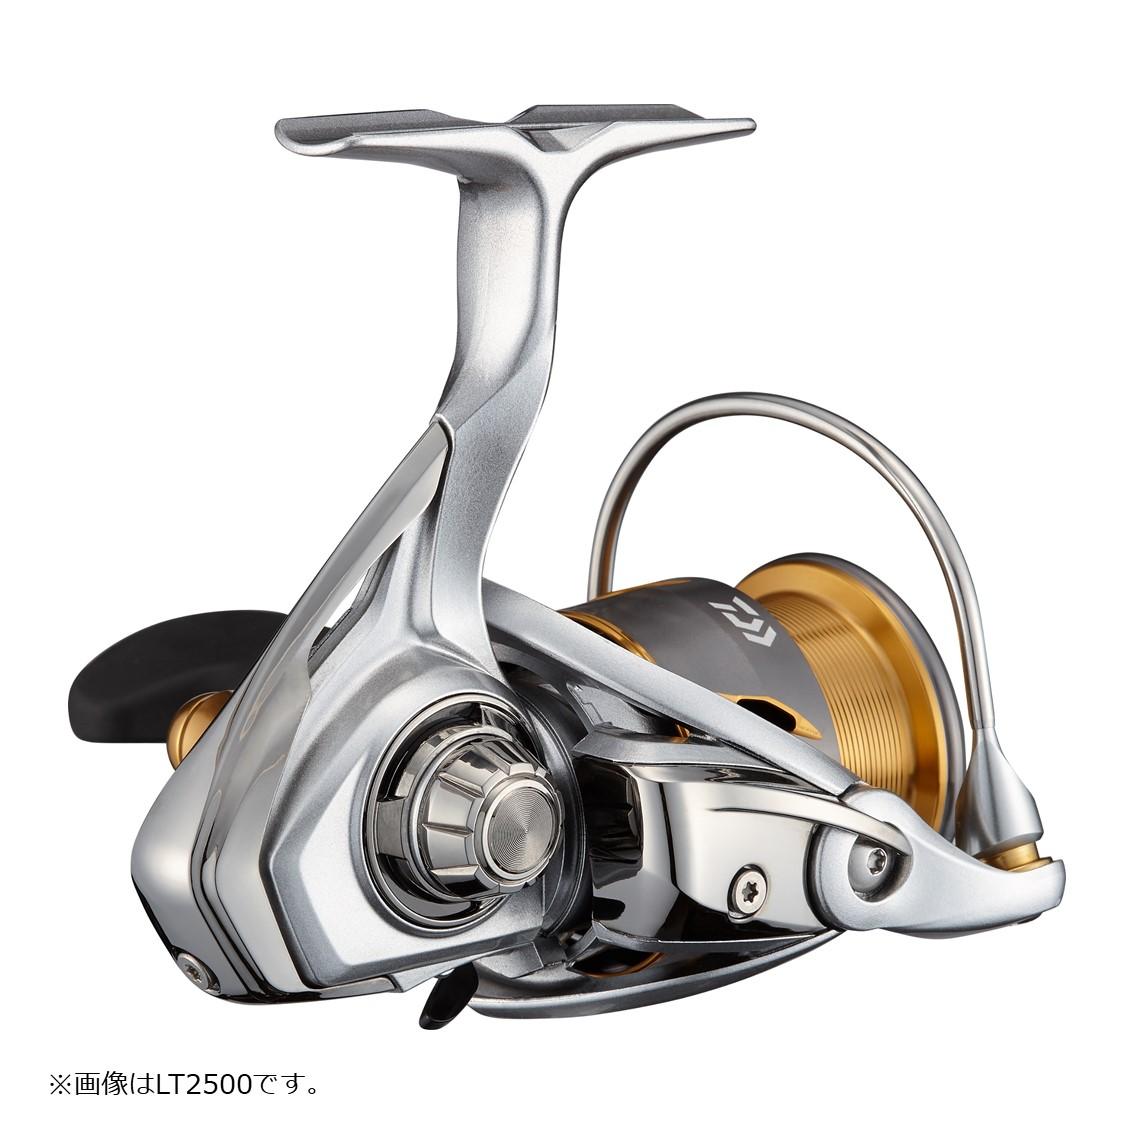 ダイワ 21フリームス LT3000-C